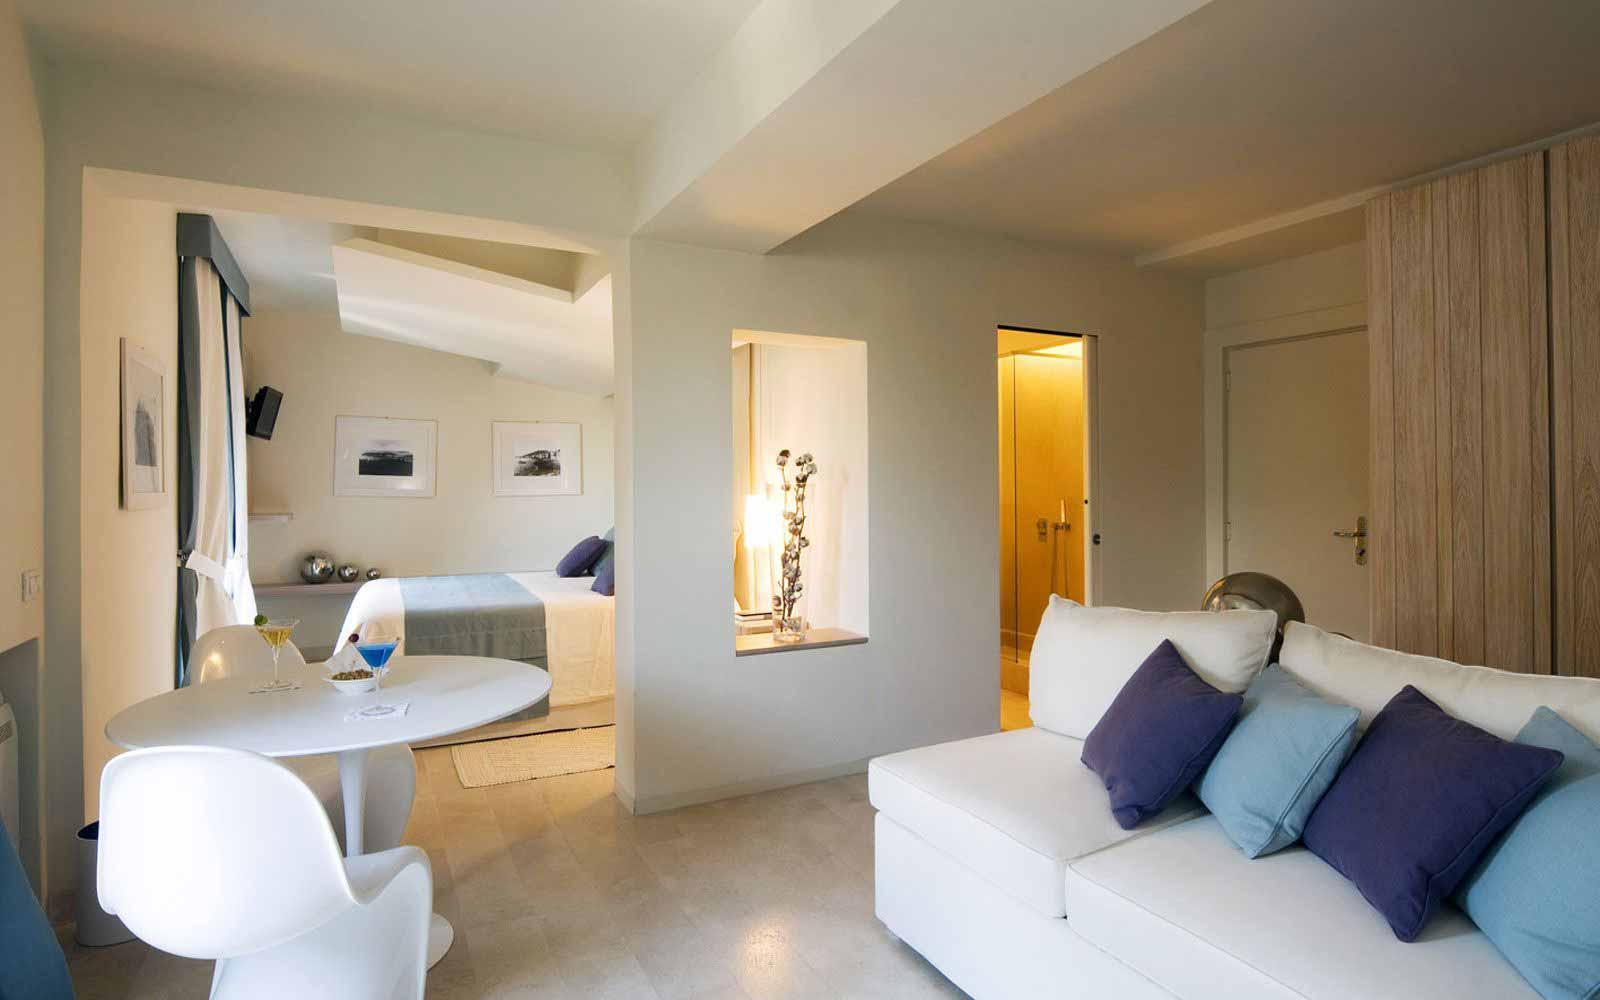 Deluxe Suite at Mezzatorre Resort & Spa